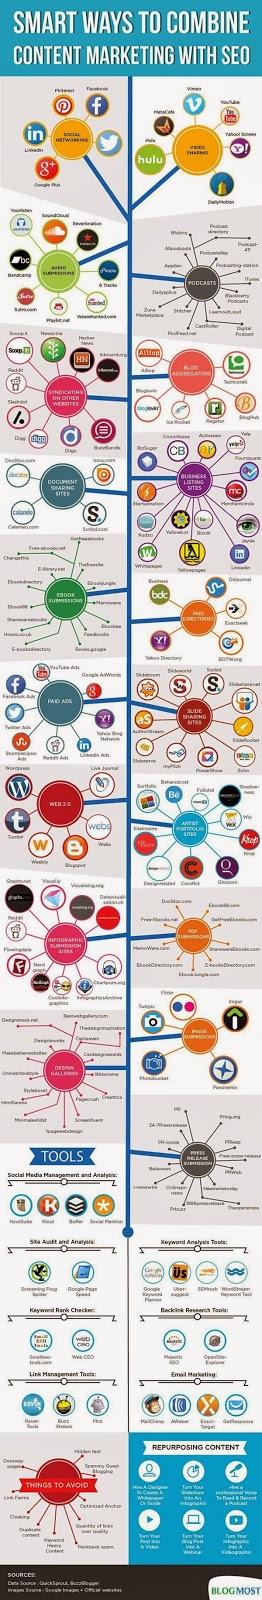 Mô hình kết hợp Content Marketing với SEO